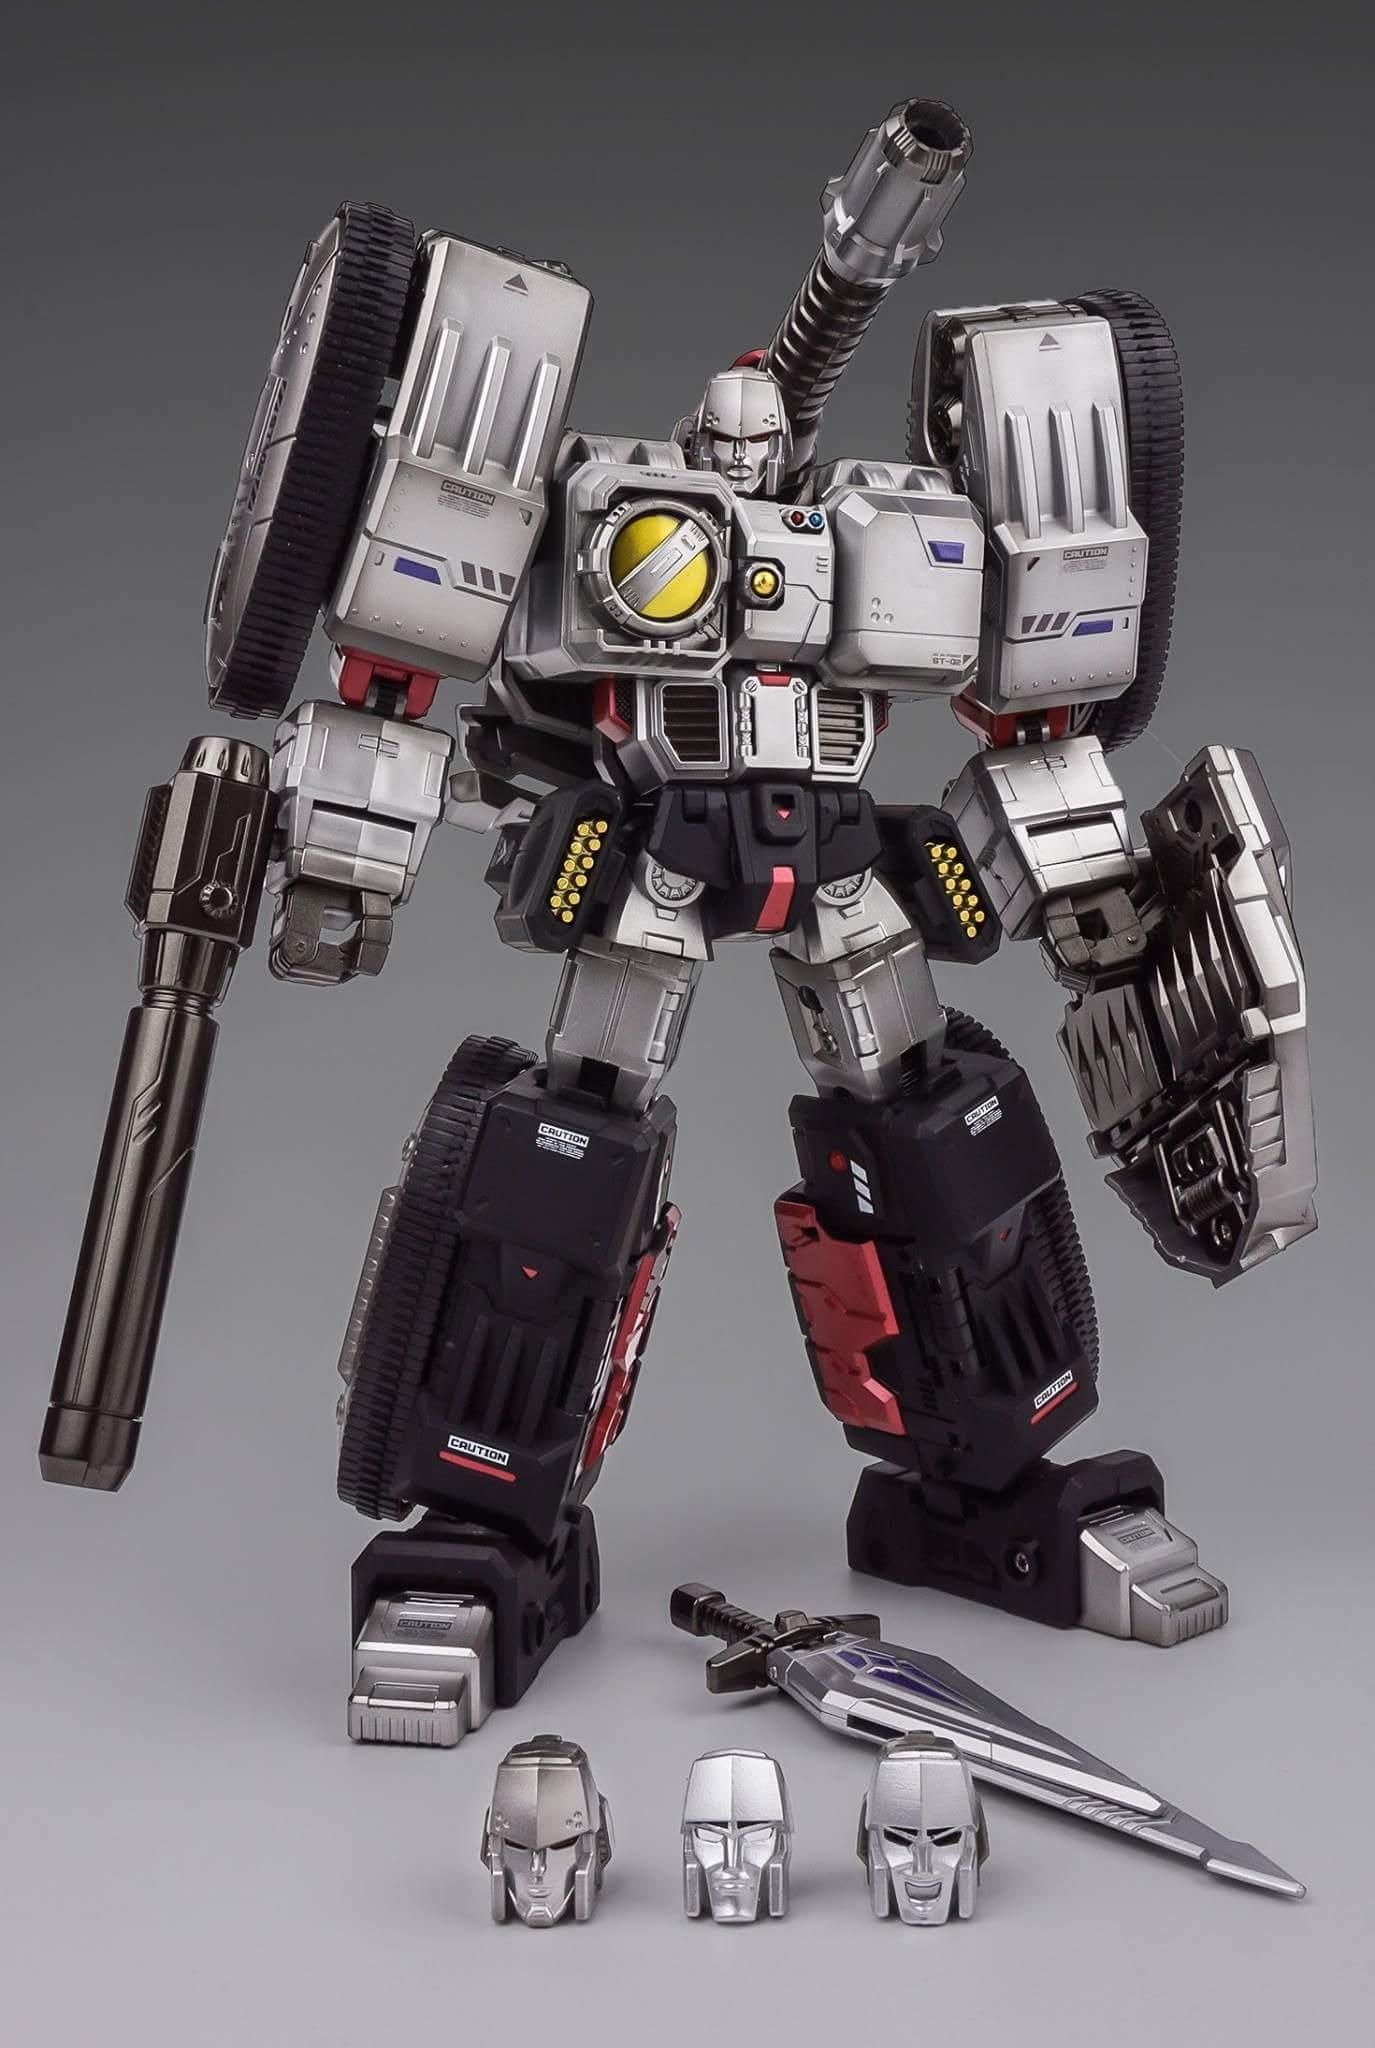 [SparkToys] Produit Tiers - ST - aka War Within: Optimus, Mégatron, Grimlock/La Menace, etc - Page 2 9LxQ7JCt